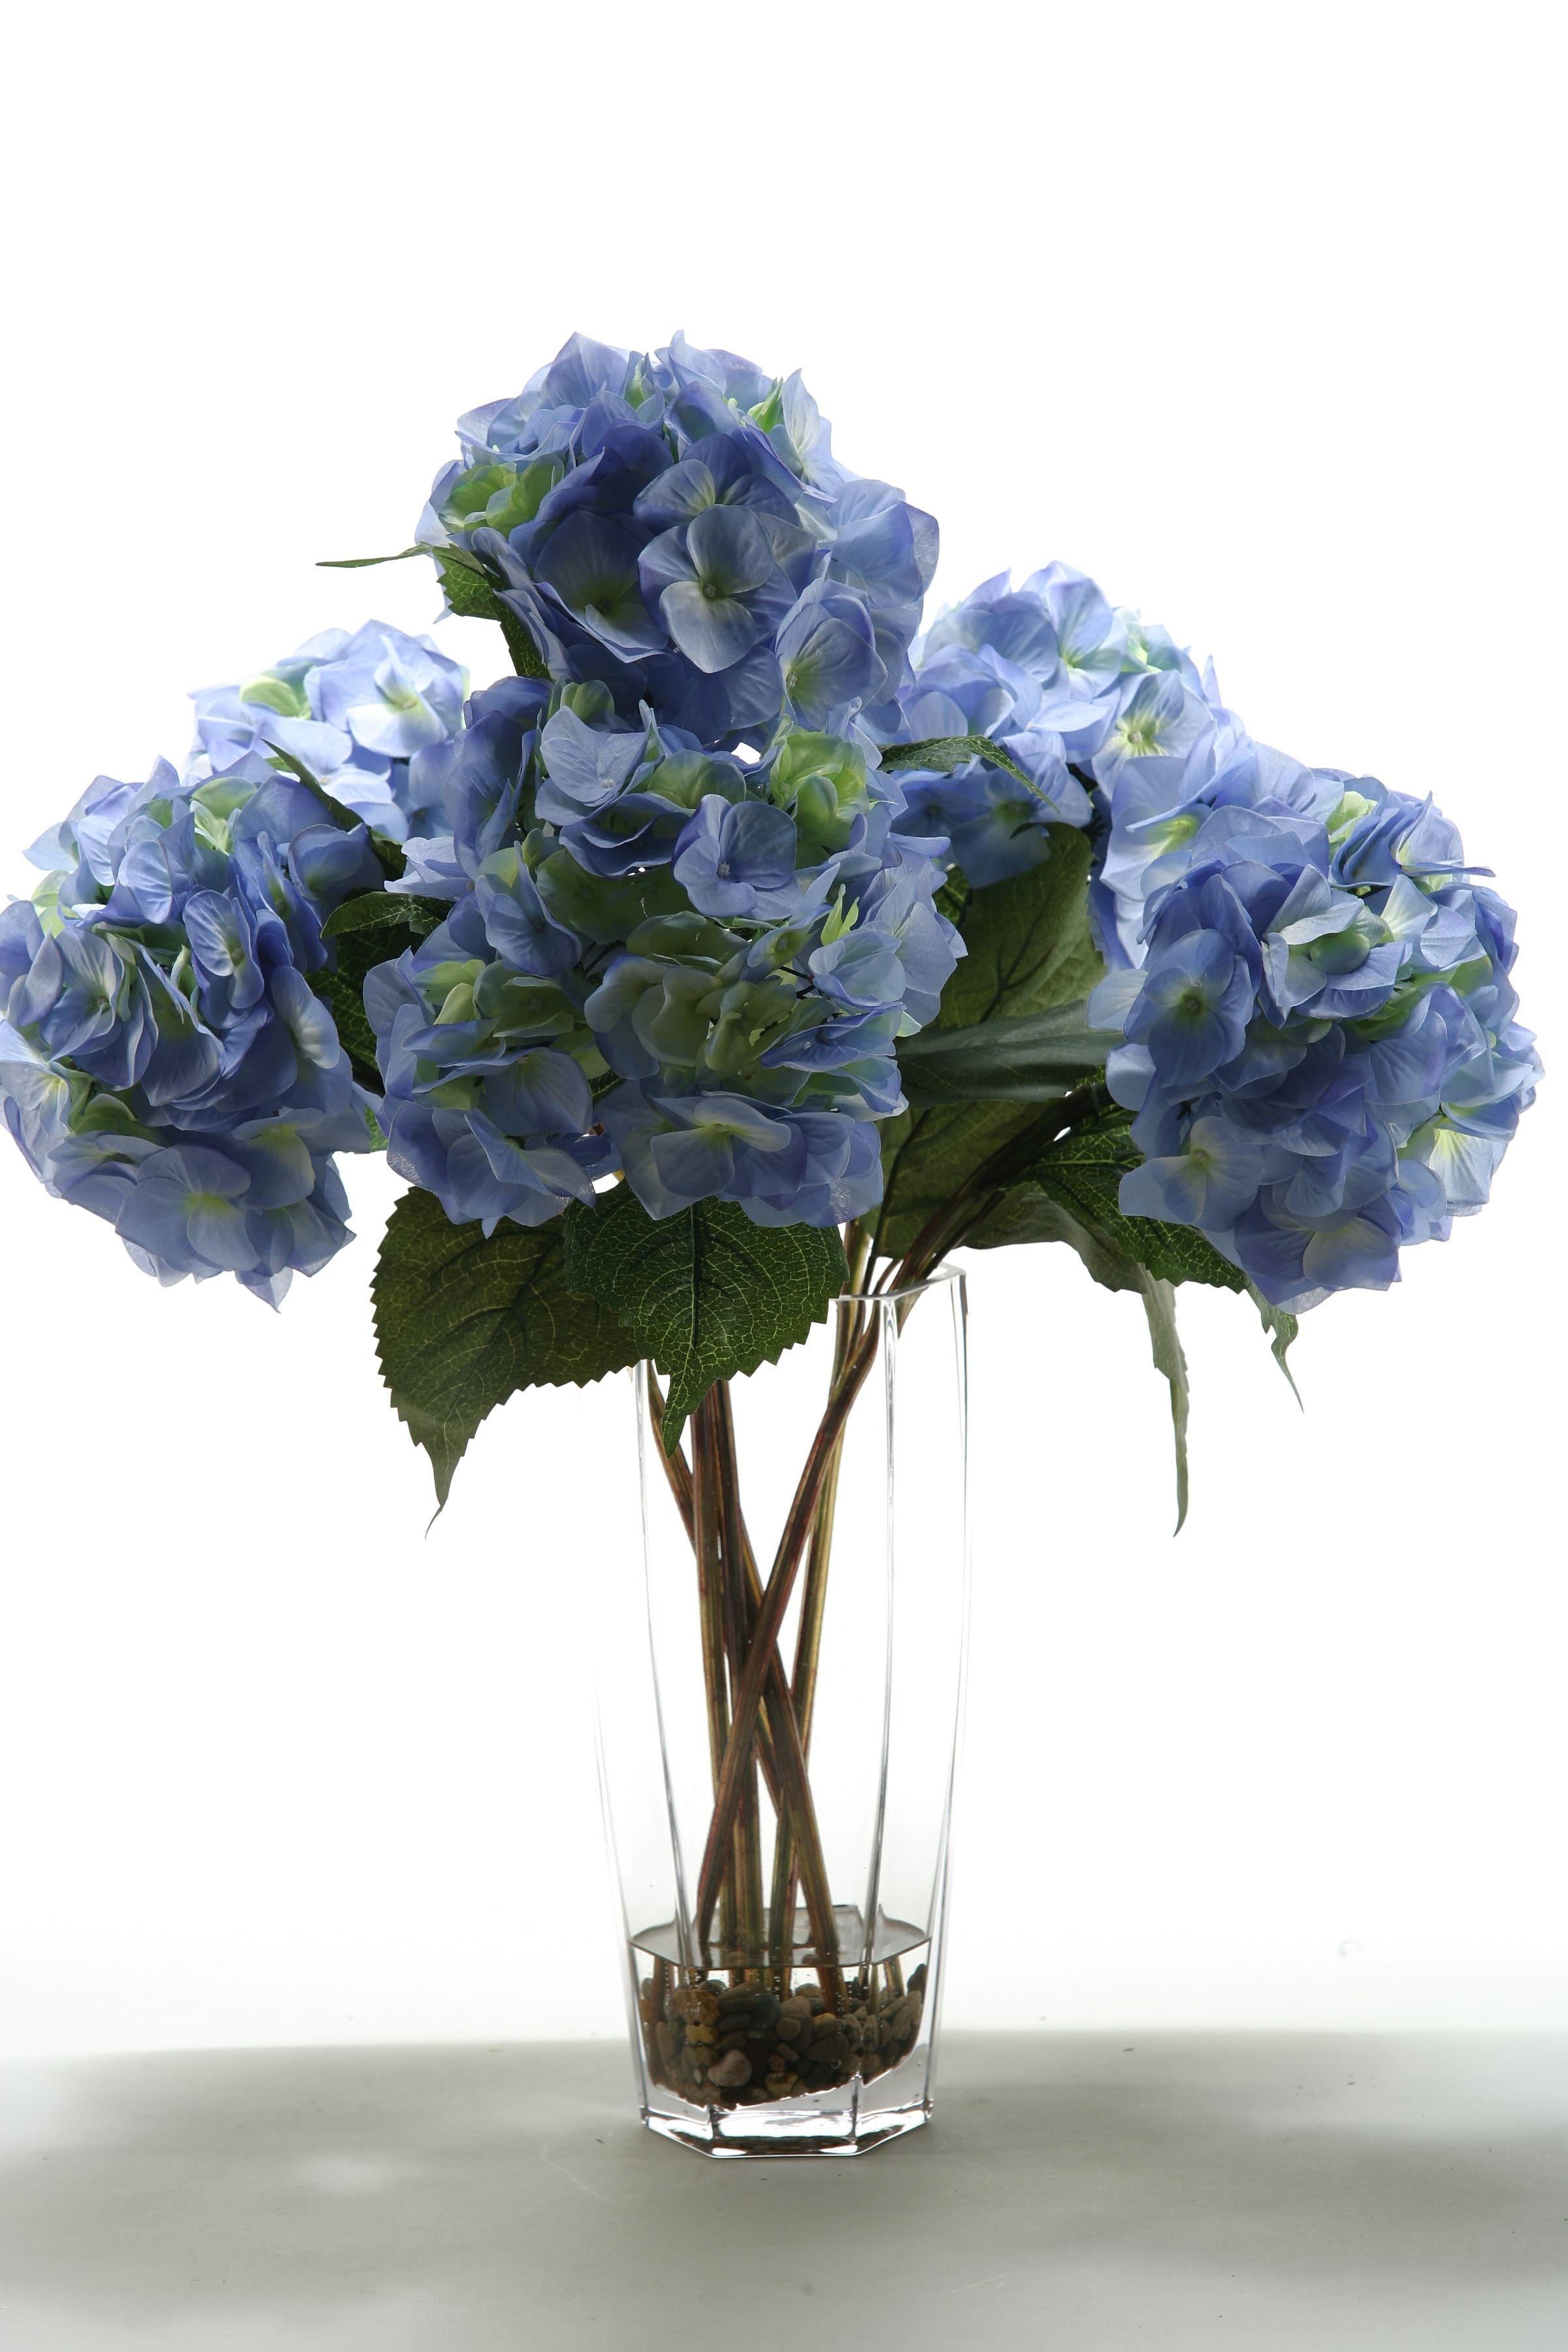 Blue Hydrangea D W Silks Hydrangea Arrangements Faux Floral Arrangement Glass Vase